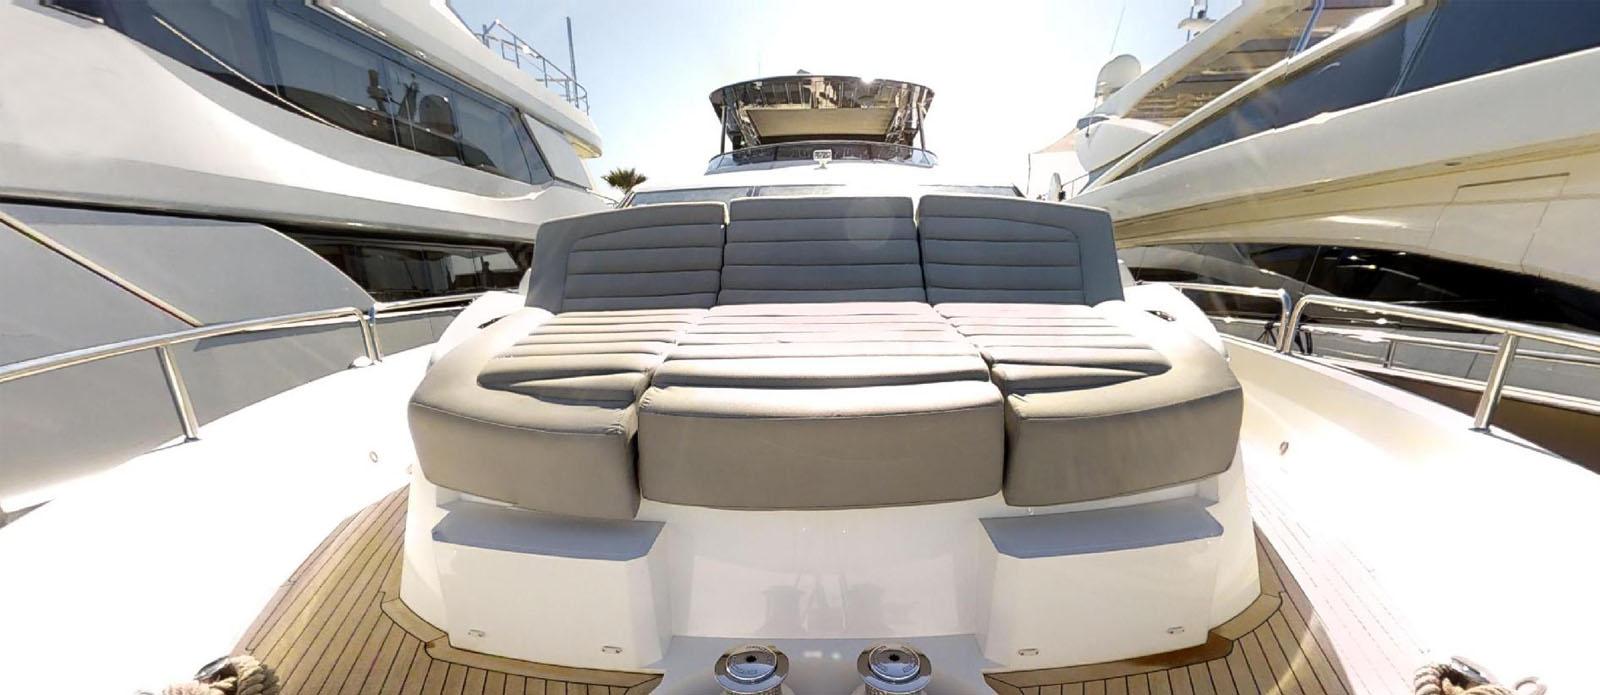 Sunseeker-86-Yacht-MiBowt-Bow-Sunbathing